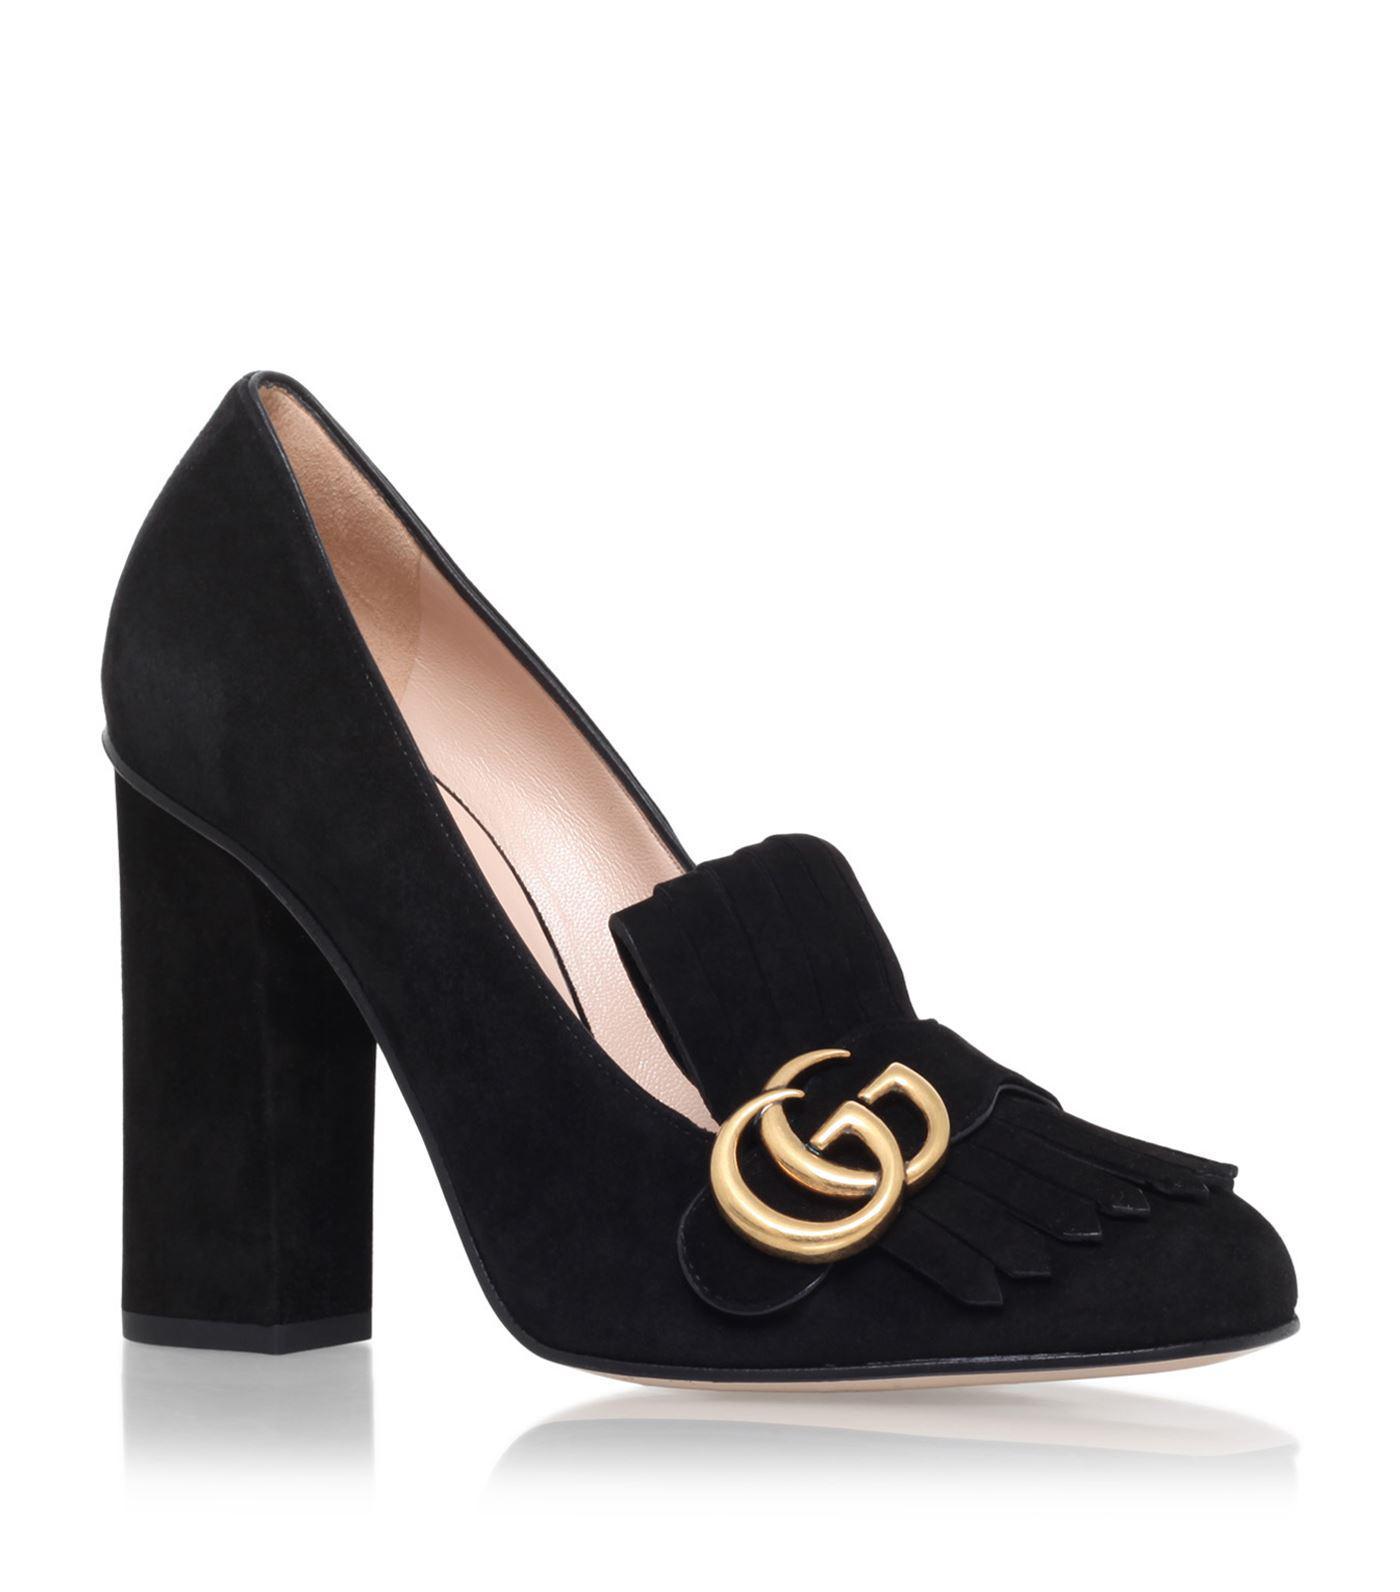 622e78e82467 Lyst - Gucci Marmont Loafer 105 in Black